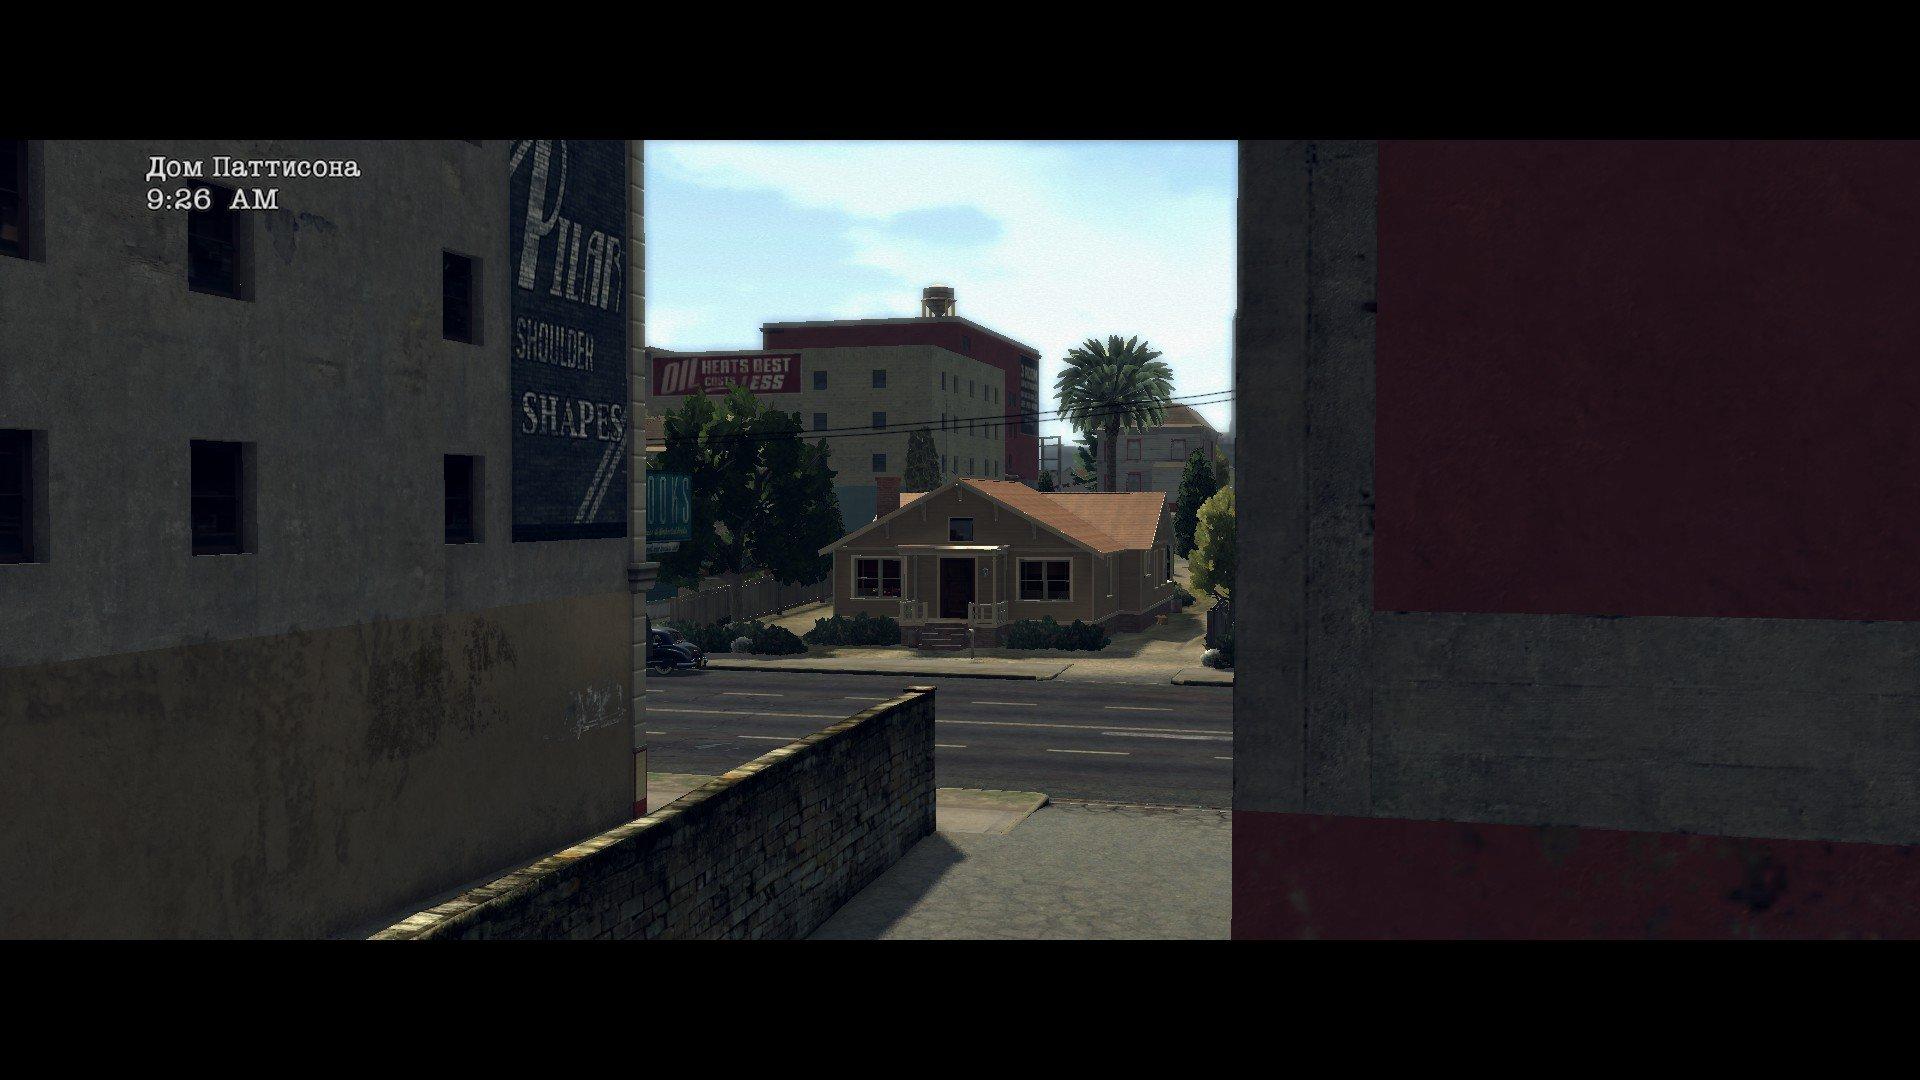 Пост-прохождение L.A. Noire Часть 4 - Изображение 43